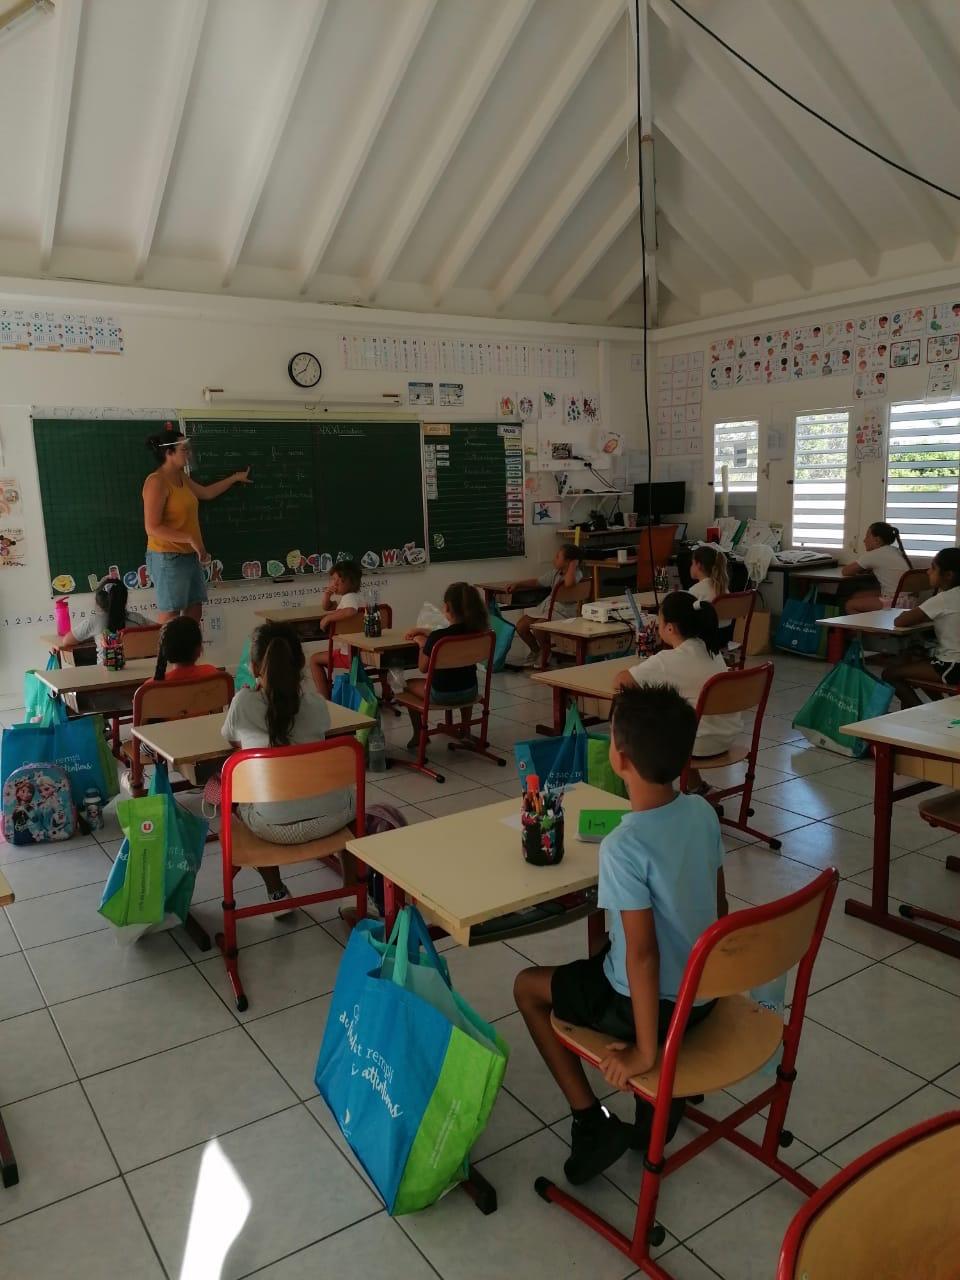 Reprise des écoliers à l'école élémentaire de Saint-Barthélemy